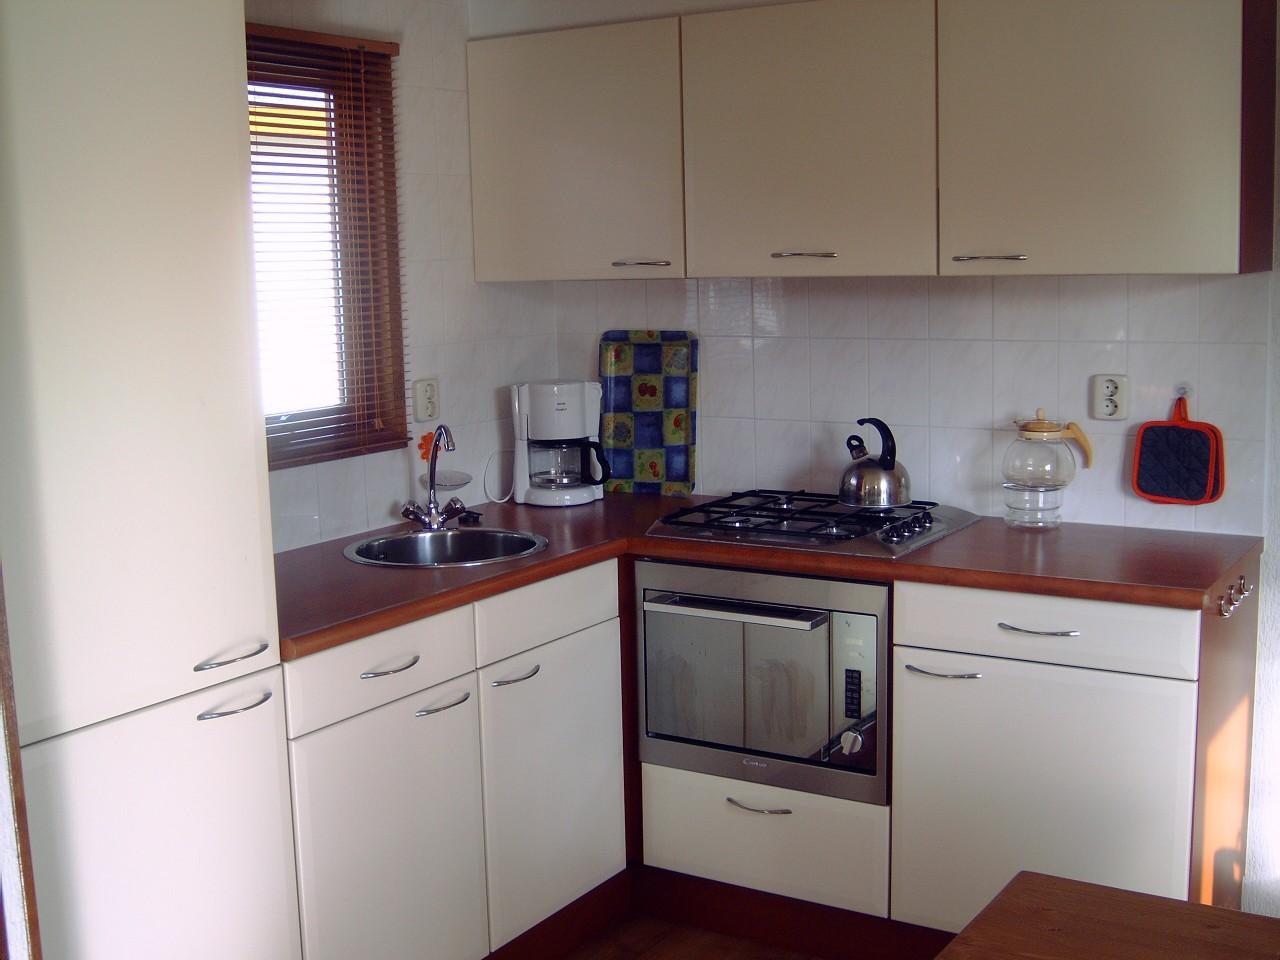 Vakantiehuisje op de veluwe het chalet - Keuken voor chalet ...